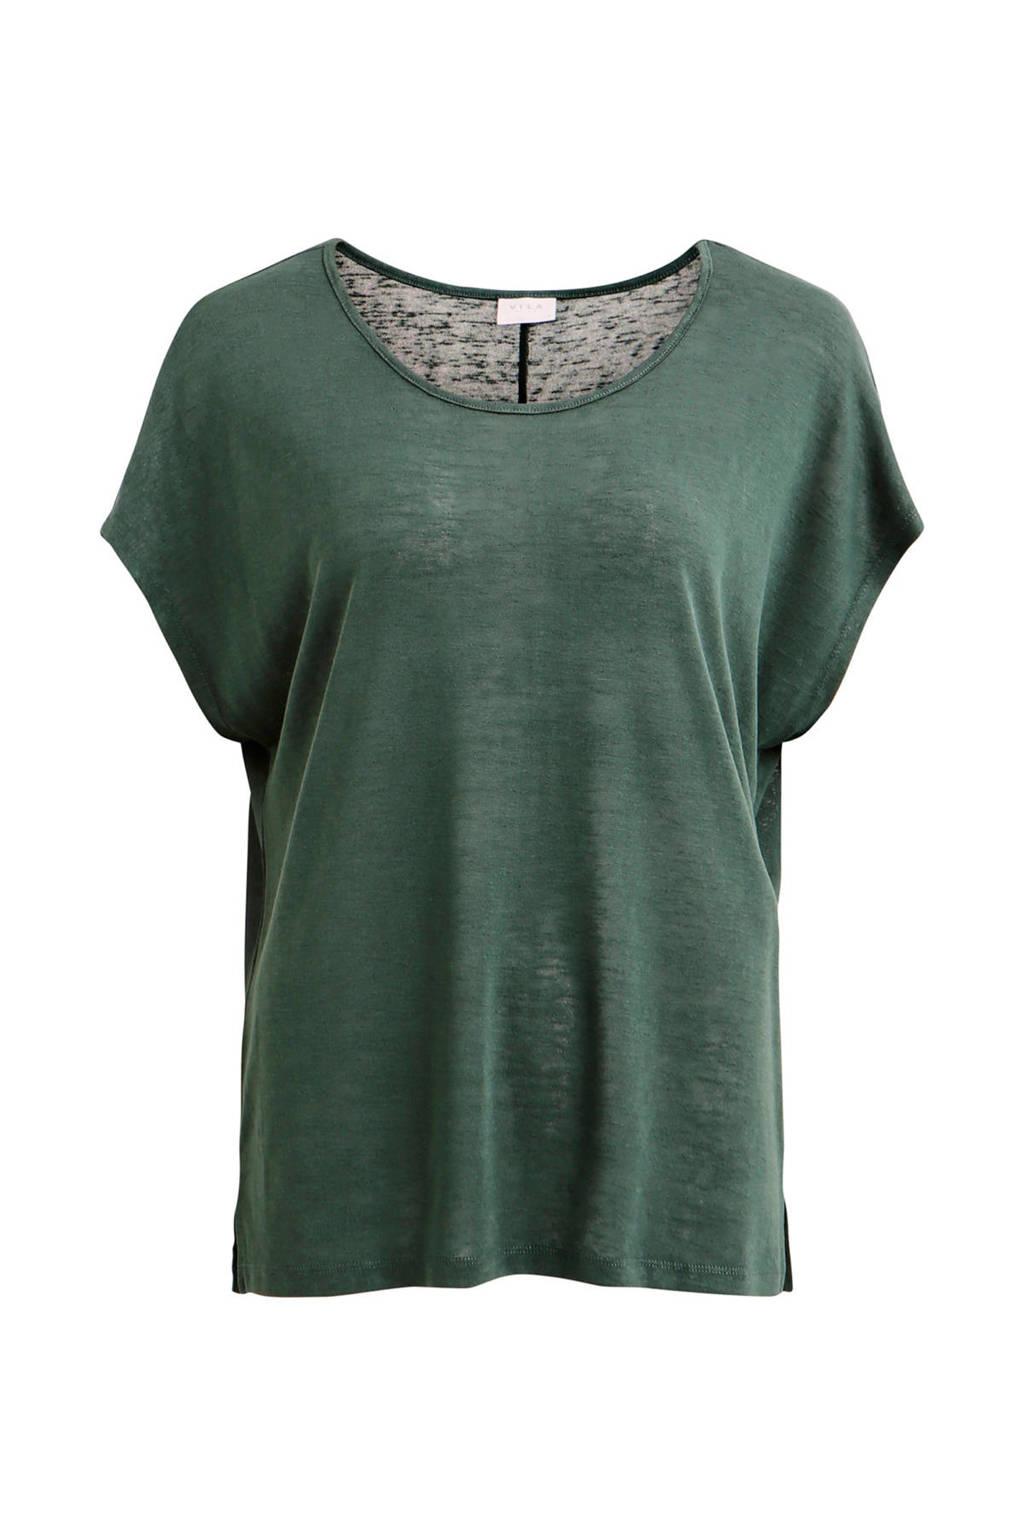 VILA T-shirt groen, Groen